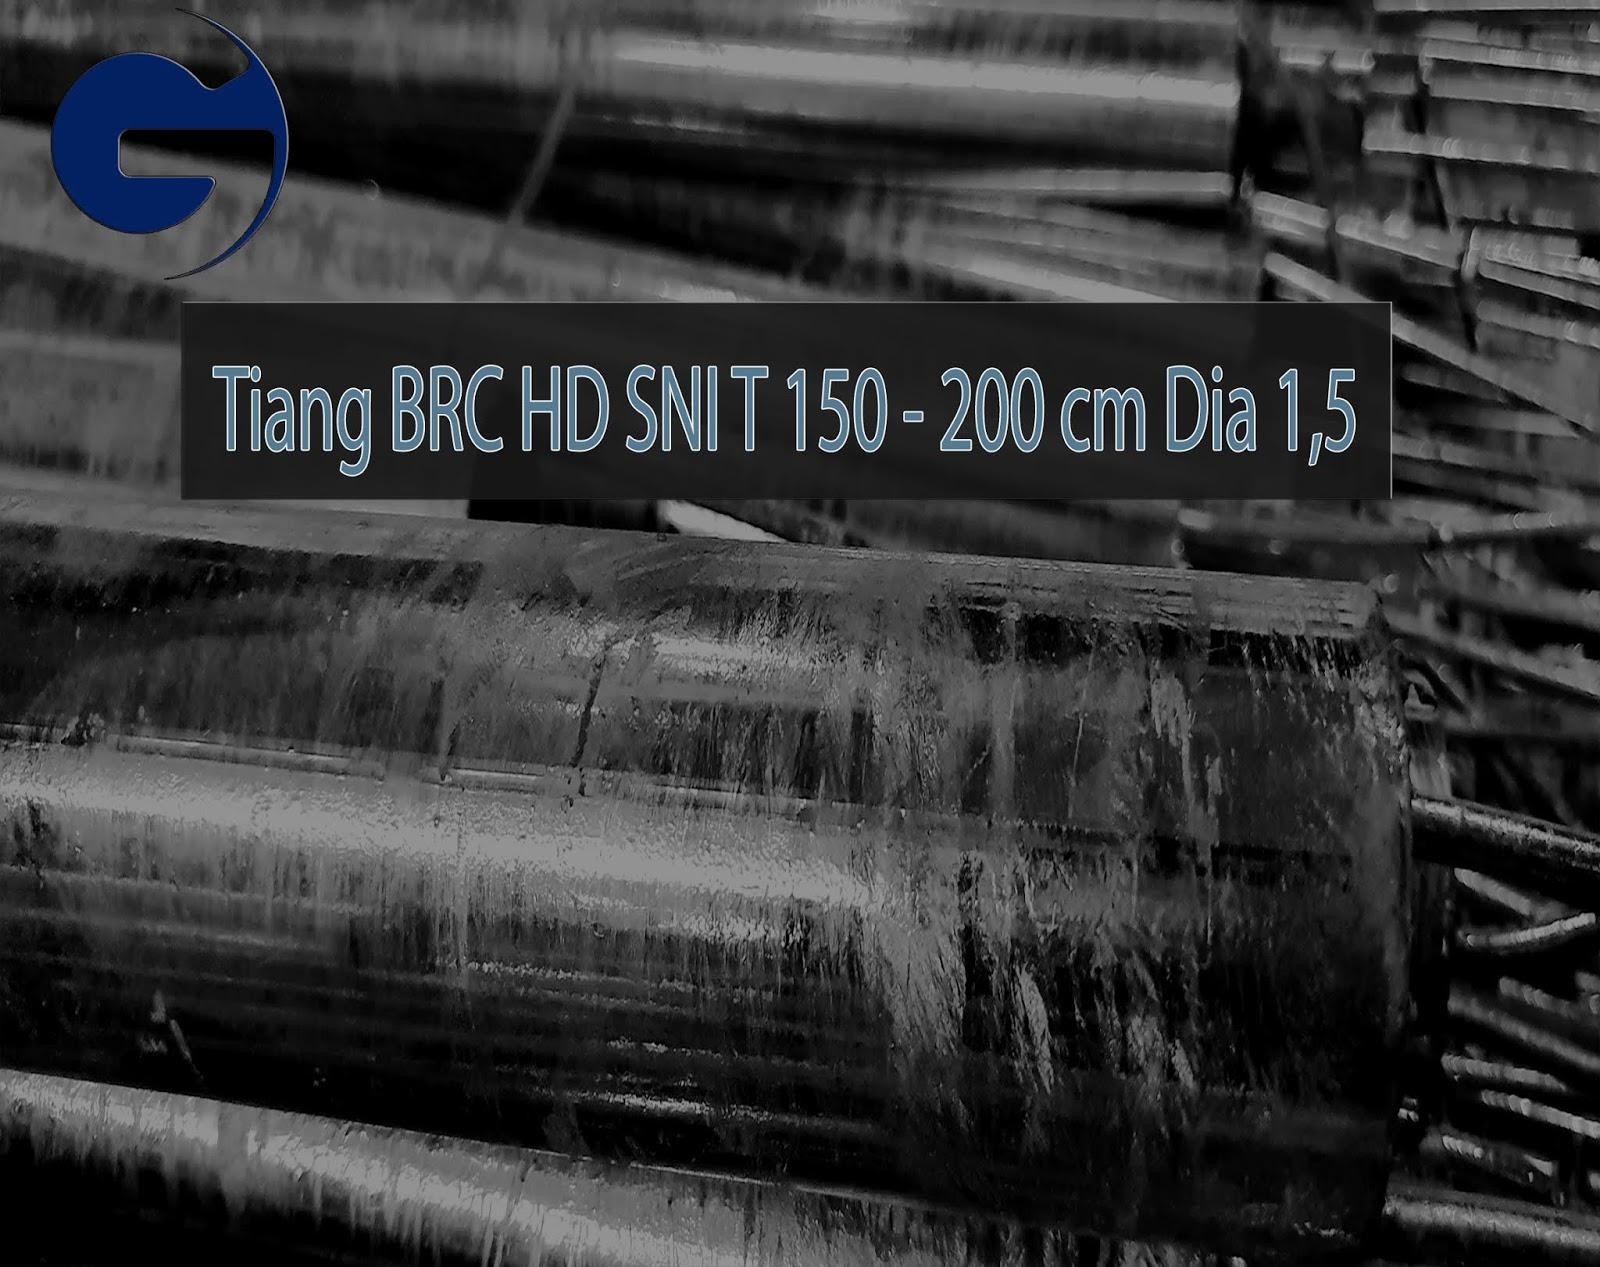 Jual Tiang BRC HDG SNI T 200 CM Dia 1,5 Inch